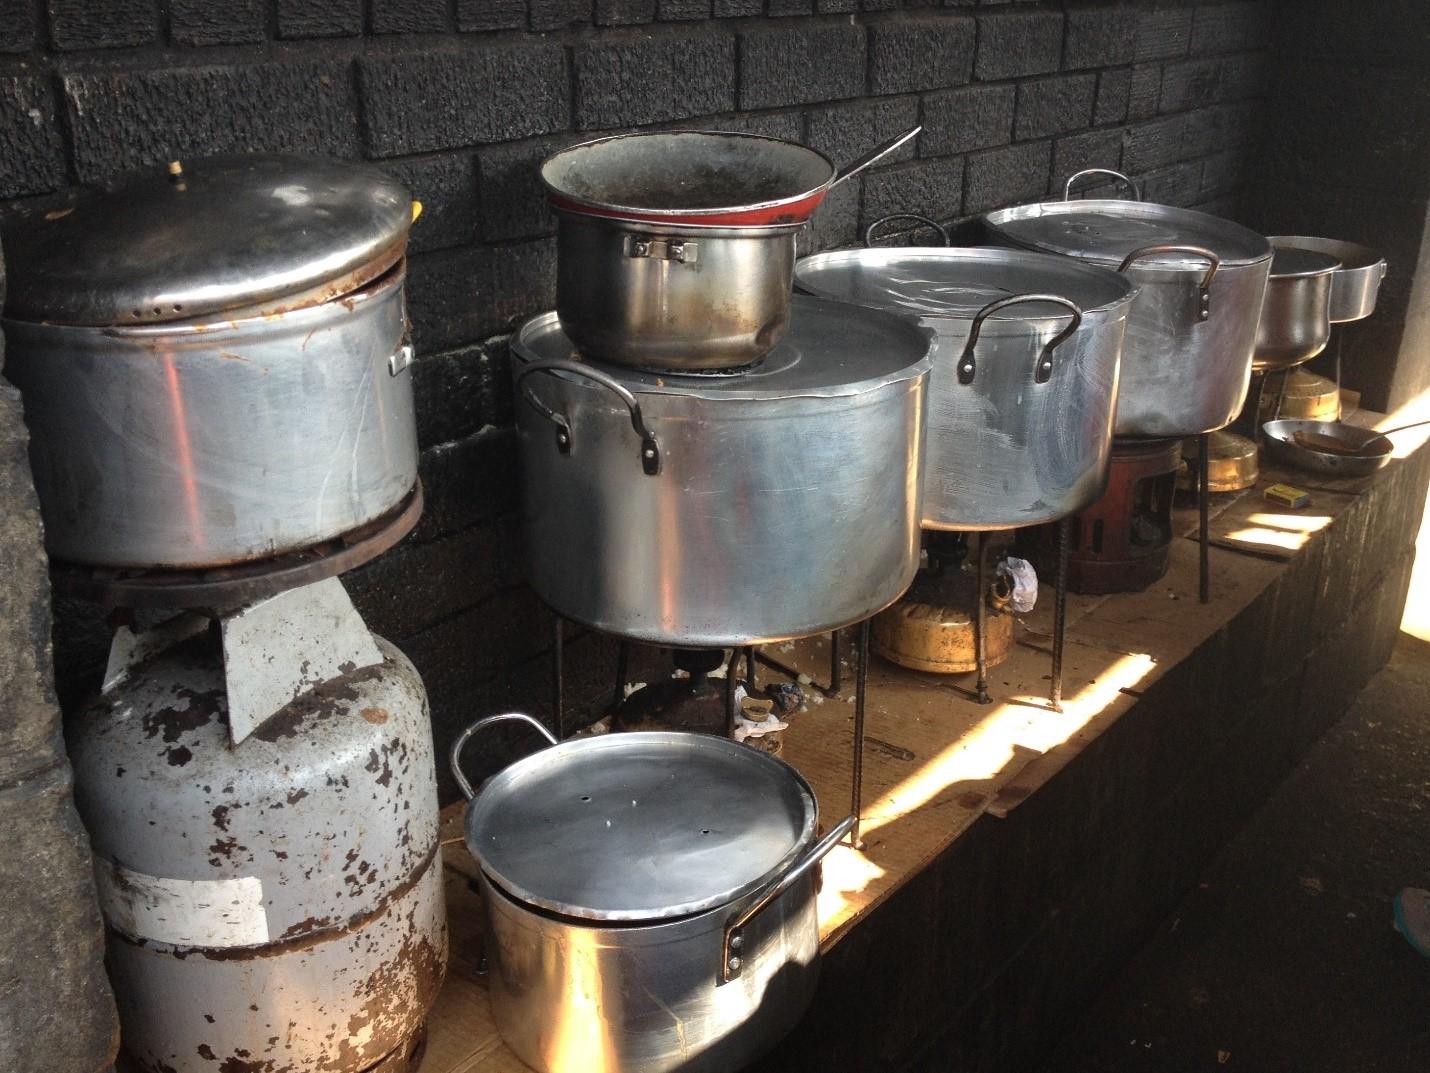 Energy in informal food enterprises